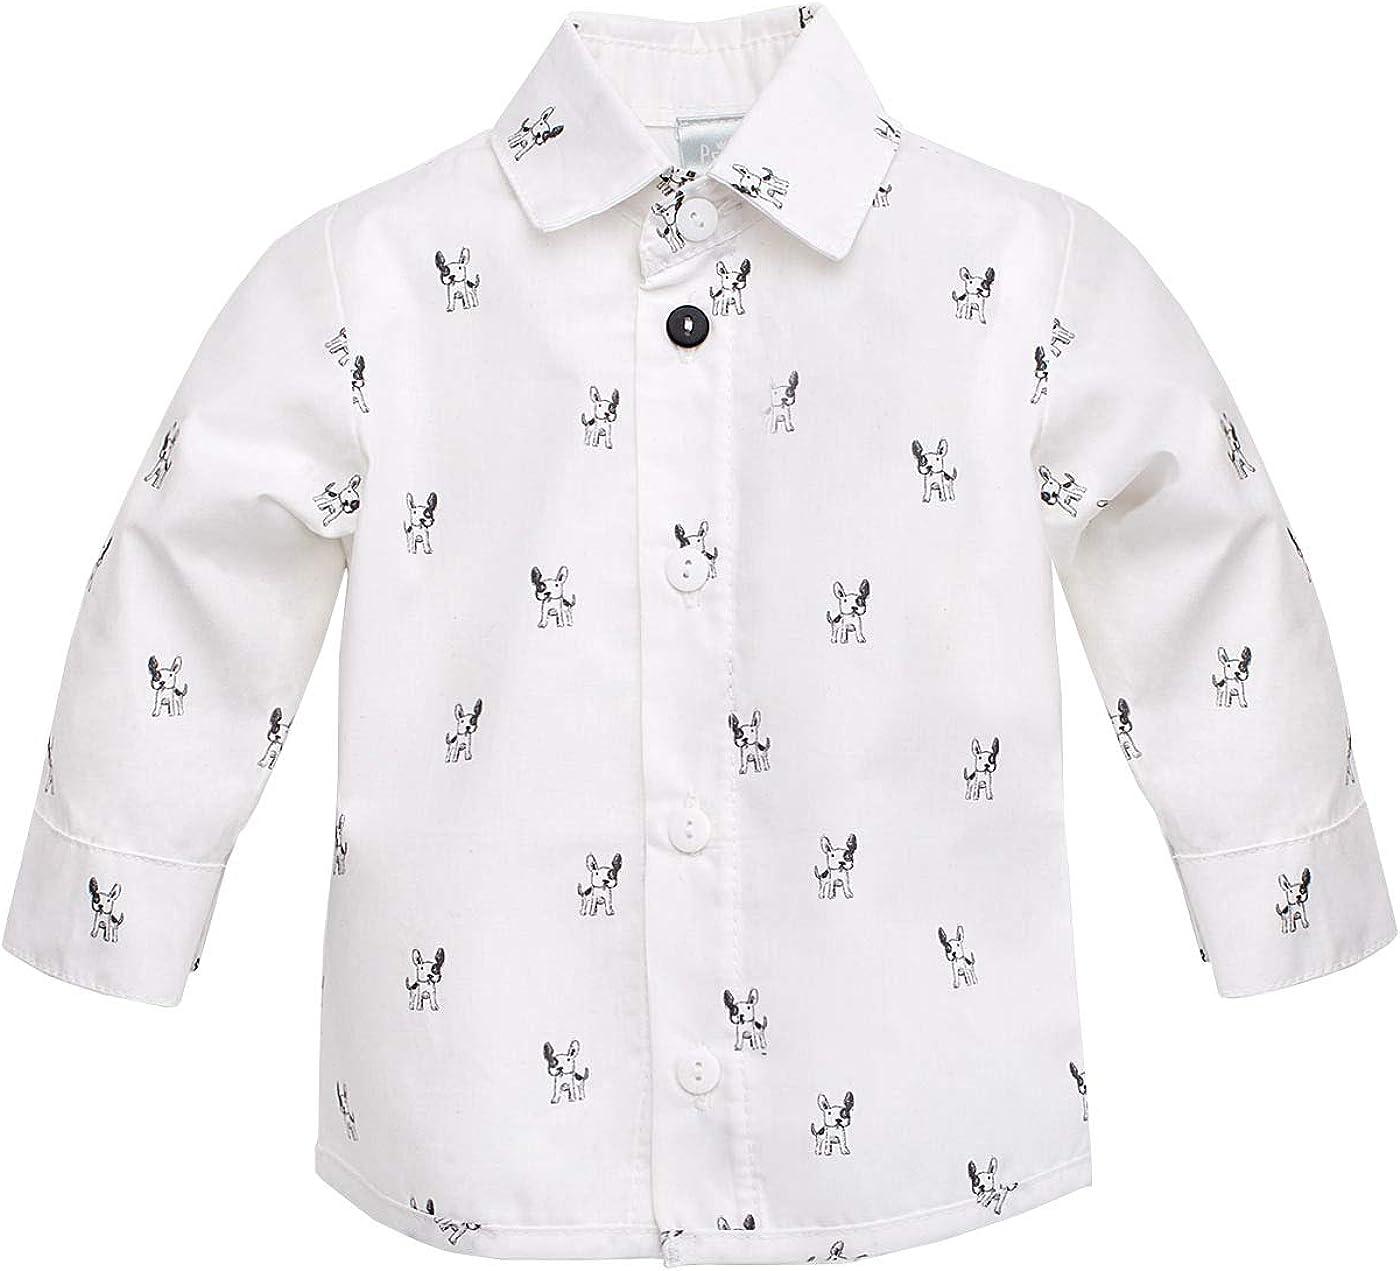 Pinokio - Prince - Camisa de niño - Camisa de bebés - Casual ...